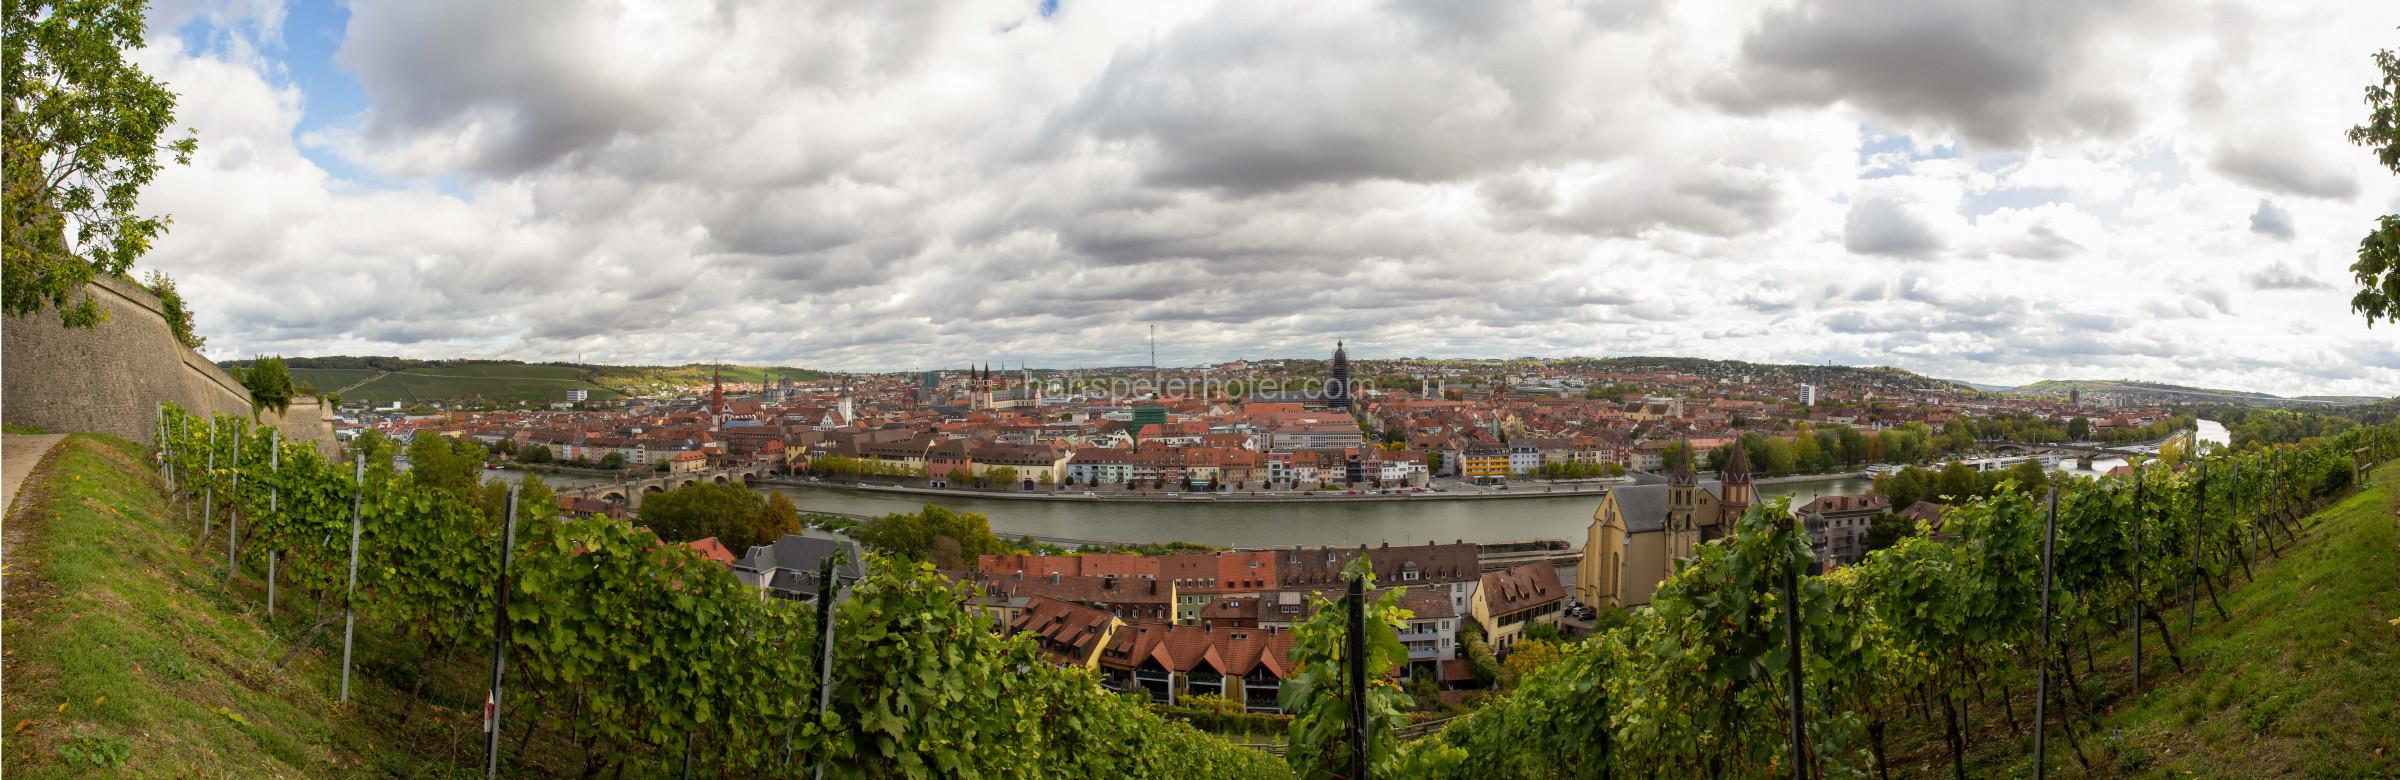 Panorama-Würzburg-1